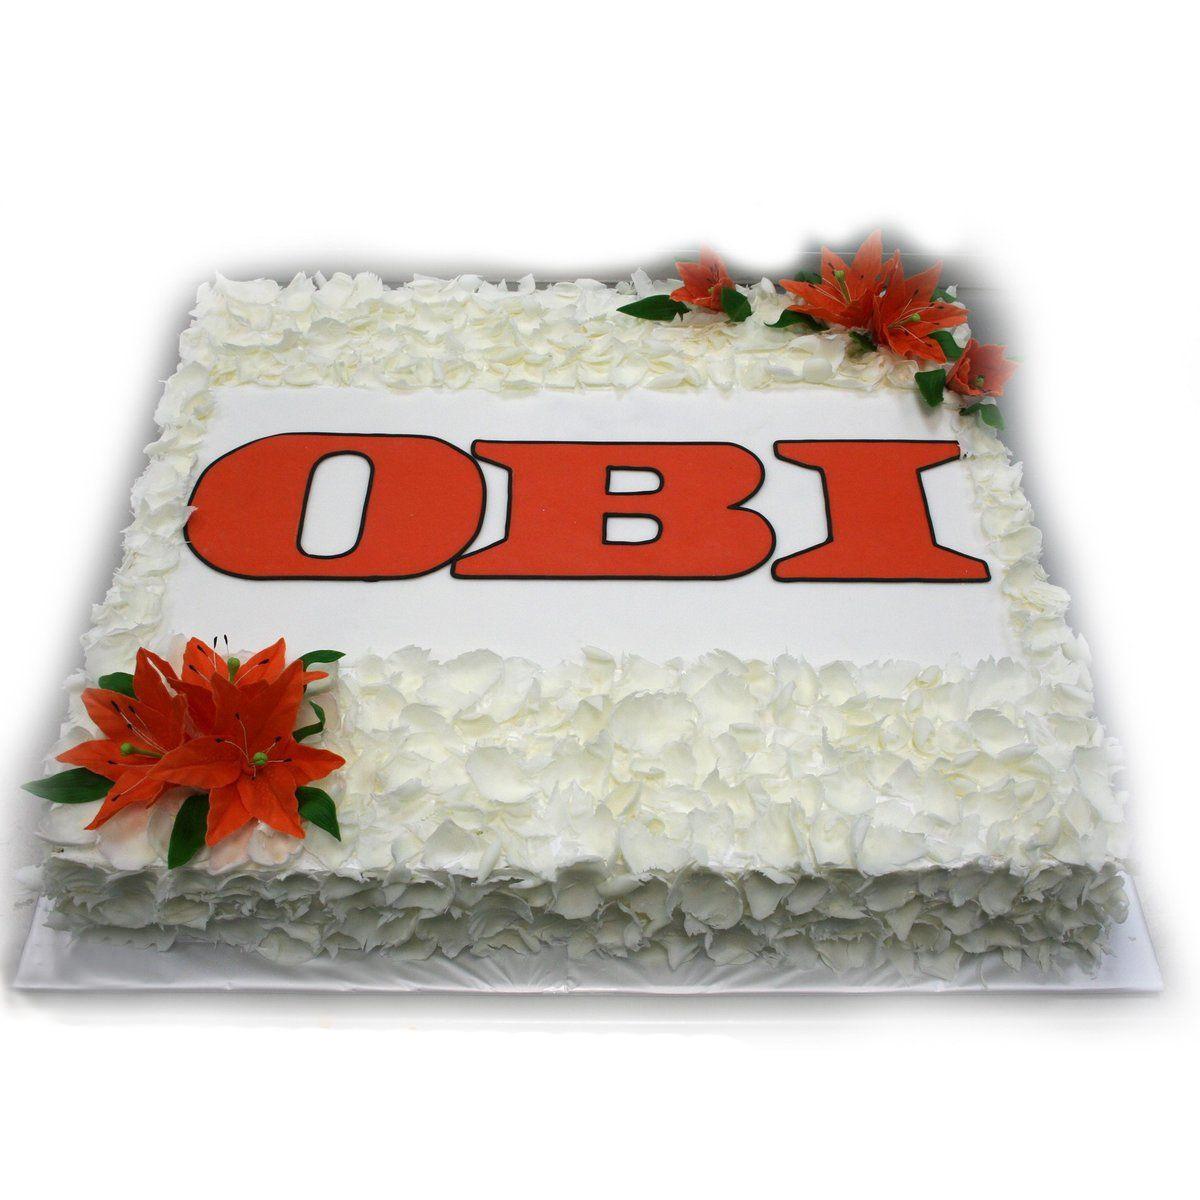 №464 Торт obi